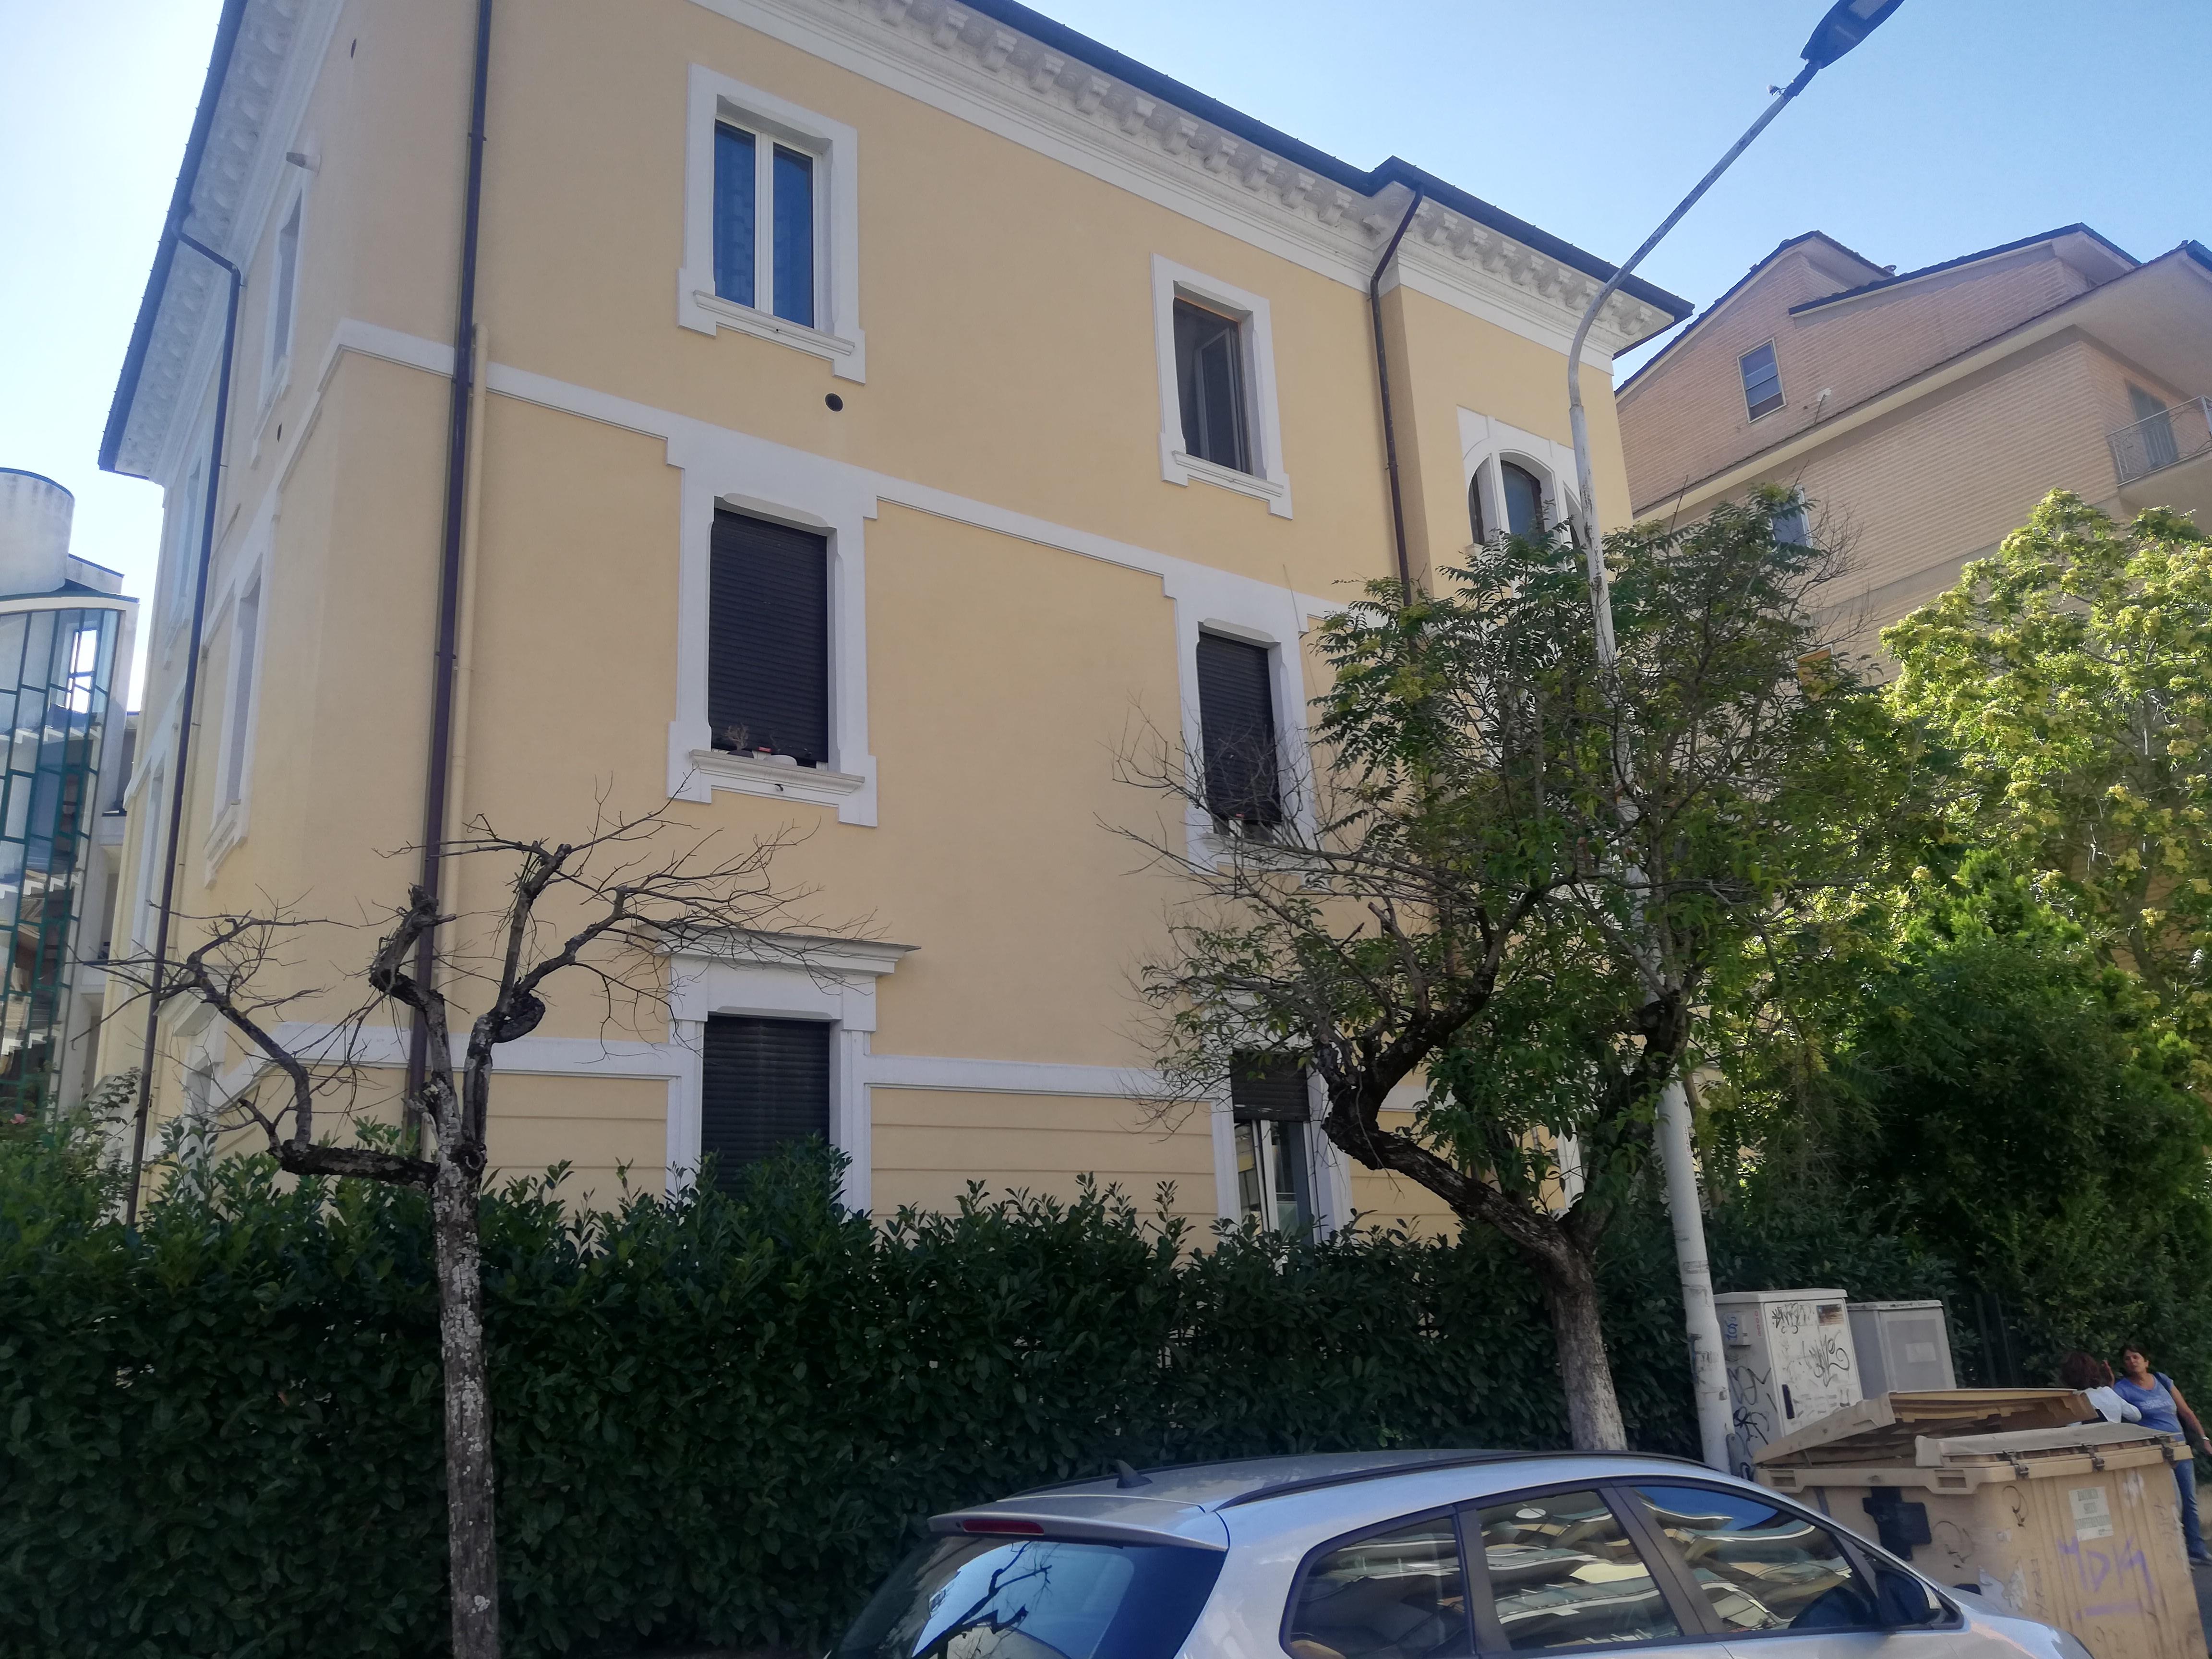 Appartamento via P. Di Piemonte.